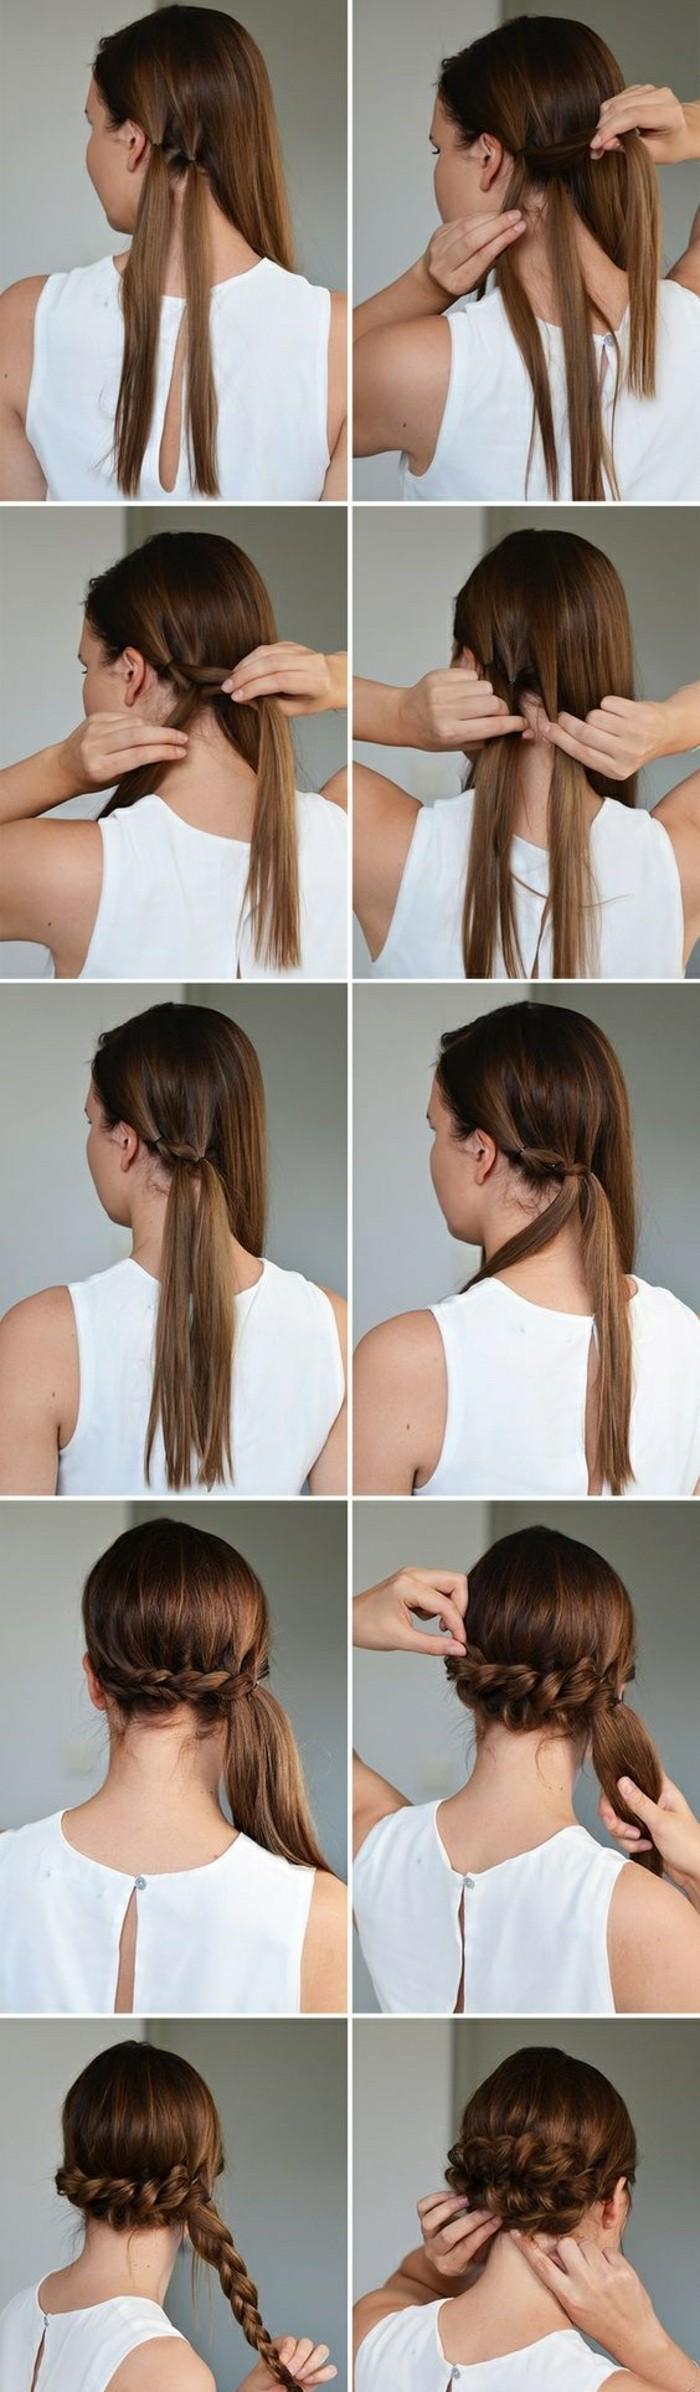 hochsteckfrisuren-zum-nachmachen-lange-glatte-braune-haare-weiße-bluse-diy-frisur-